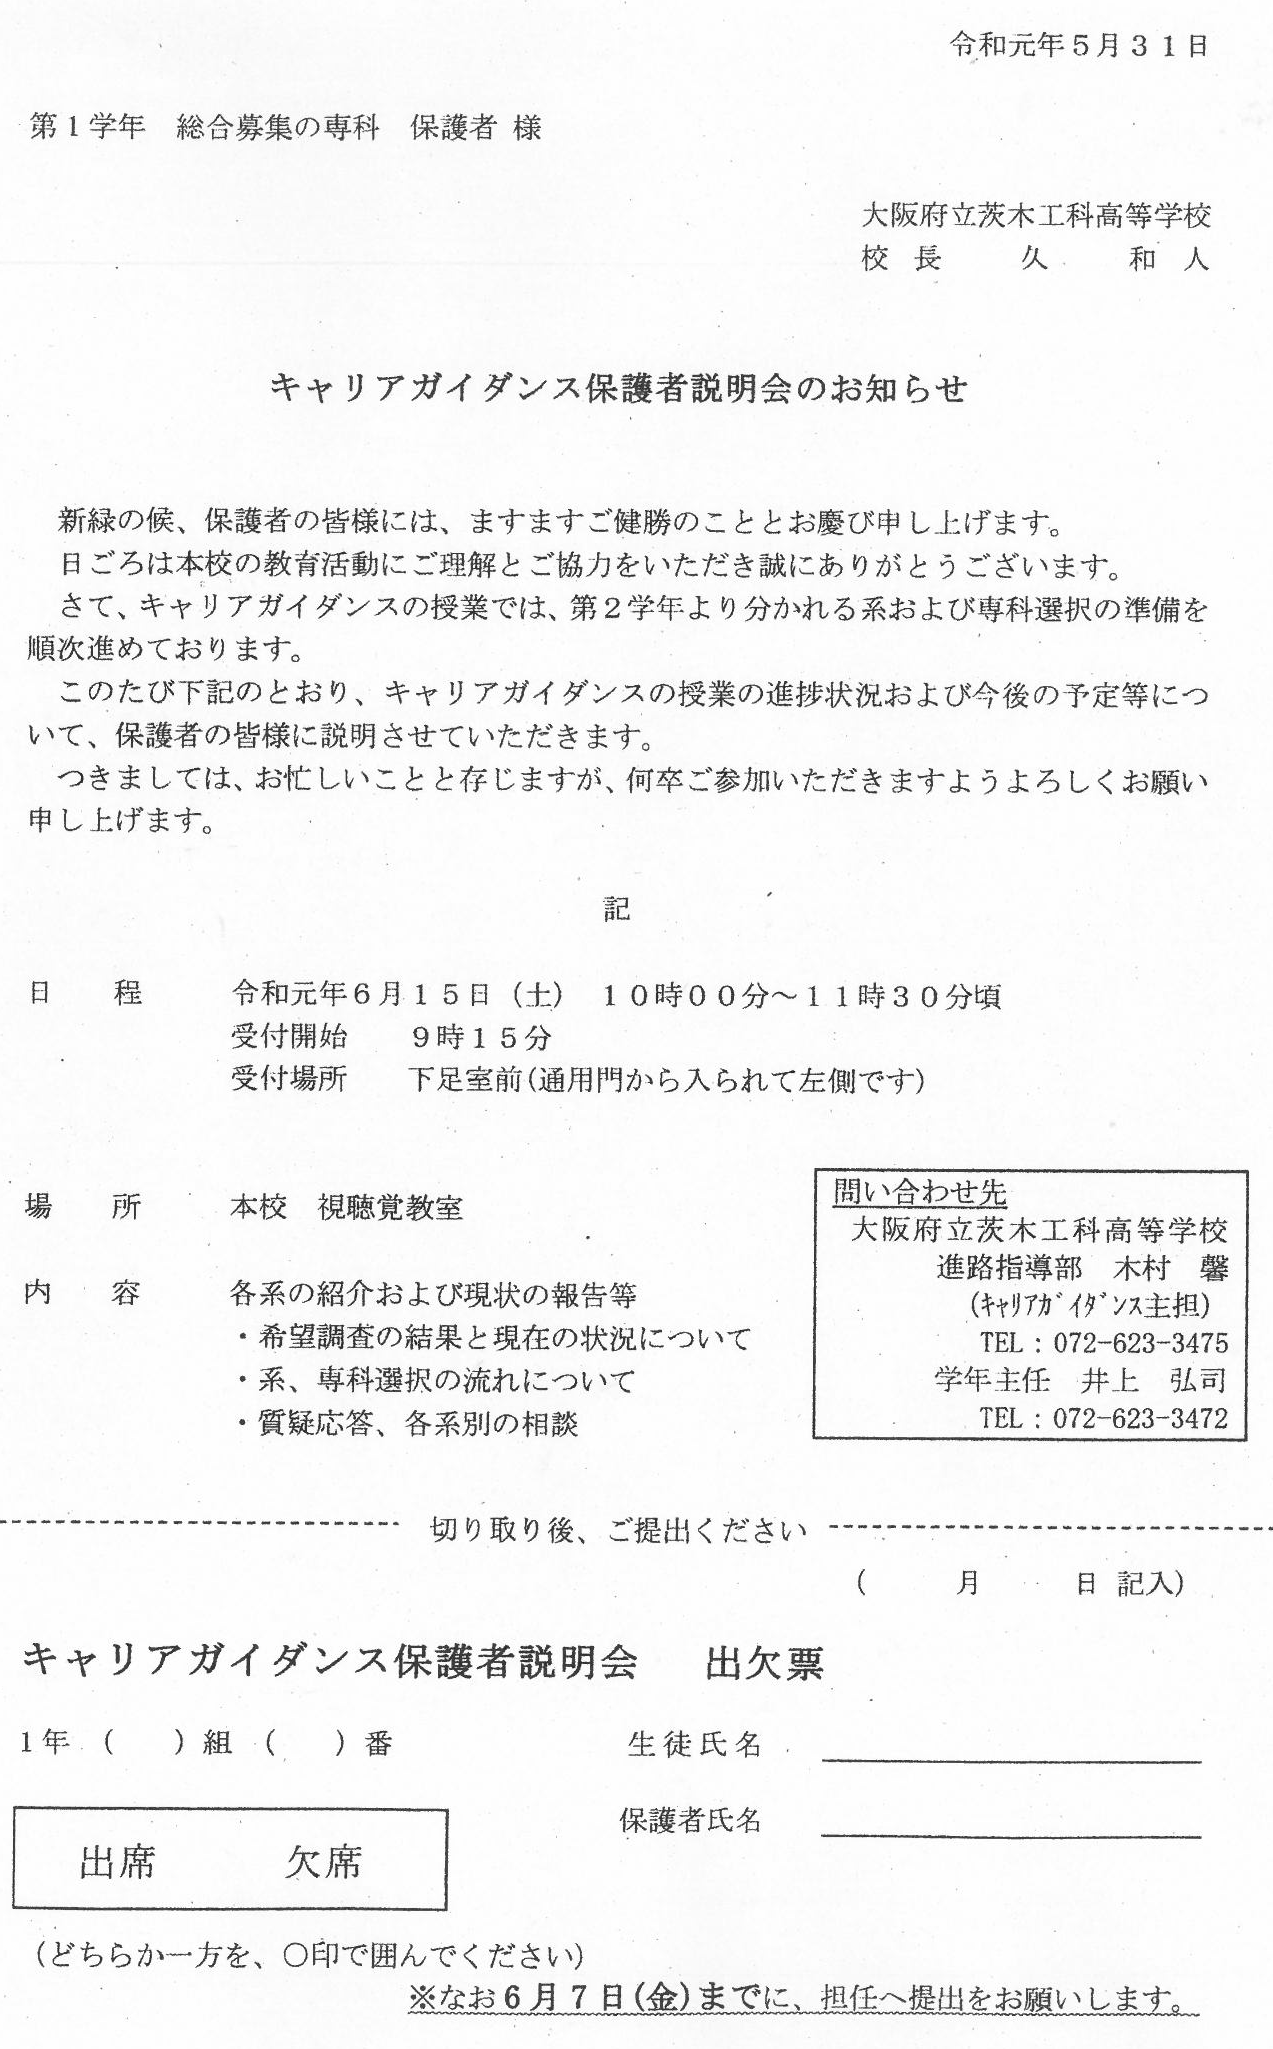 キャリアガイダンス保護者説明会